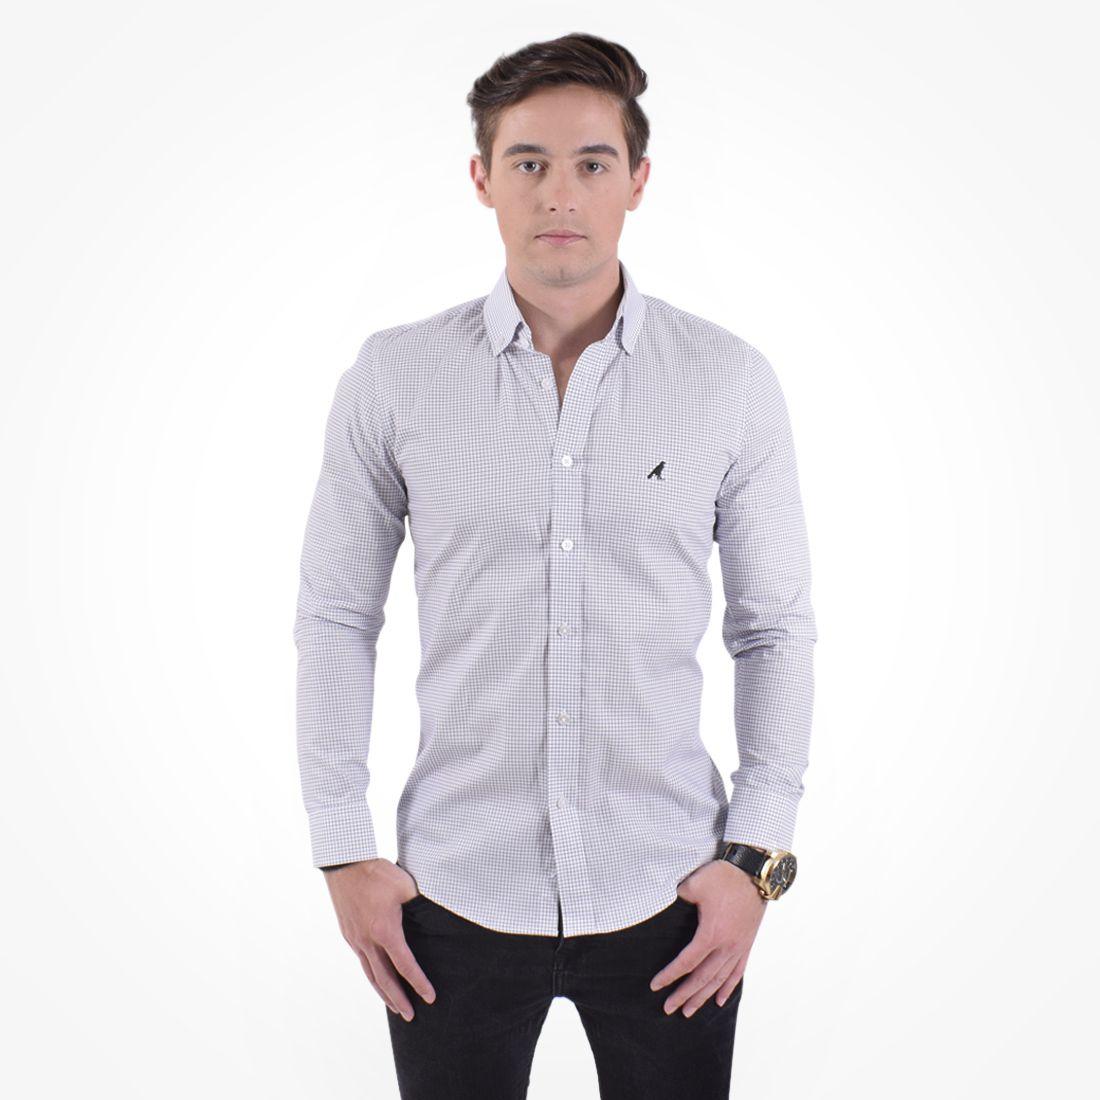 100221 - Camisa Xadrez Masculina Slim Social Branco - LEVOK